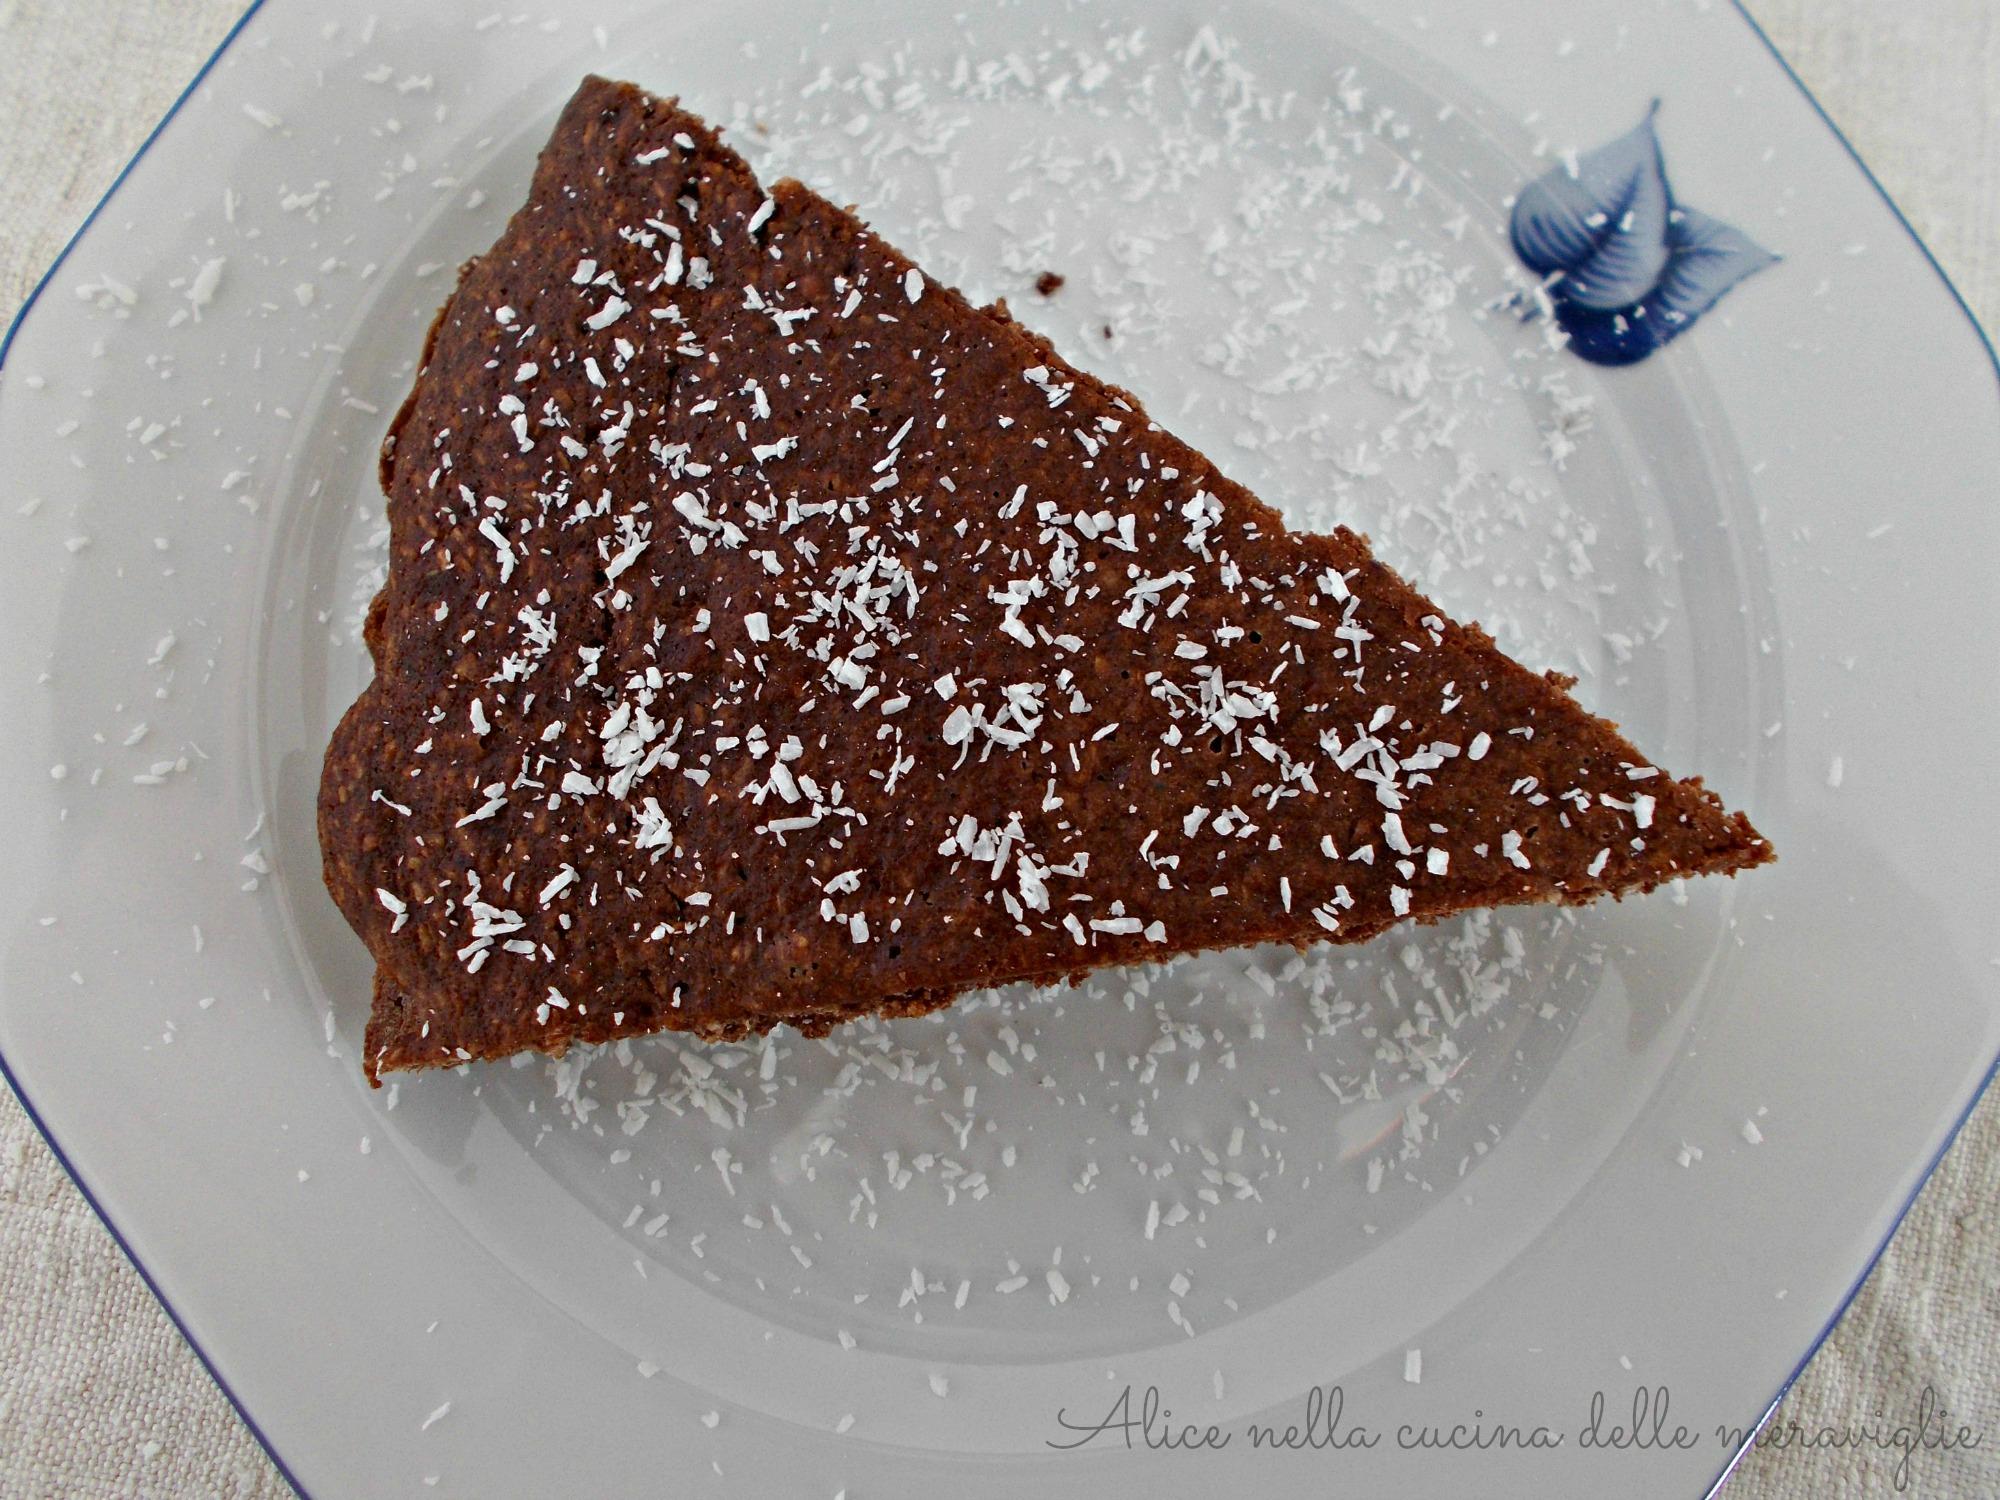 Cocoa Coconut Cake Alice nella cucina delle meraviglie (2)